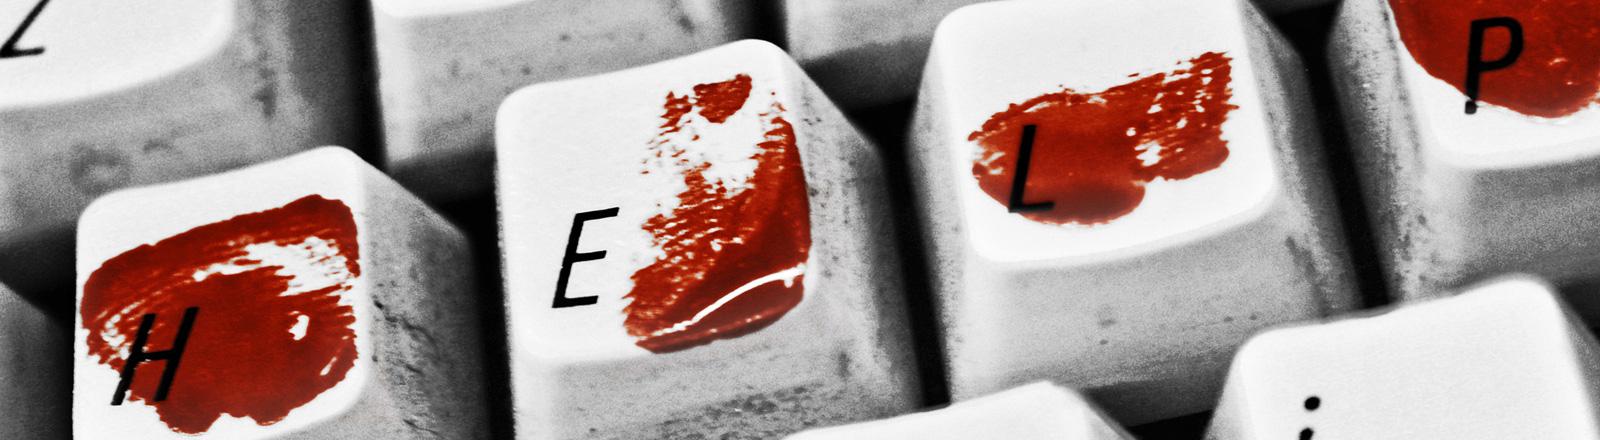 Eine Tastatur. Auf den Tasten für die Buchstaben H, E, L und P sind Blutflecken.